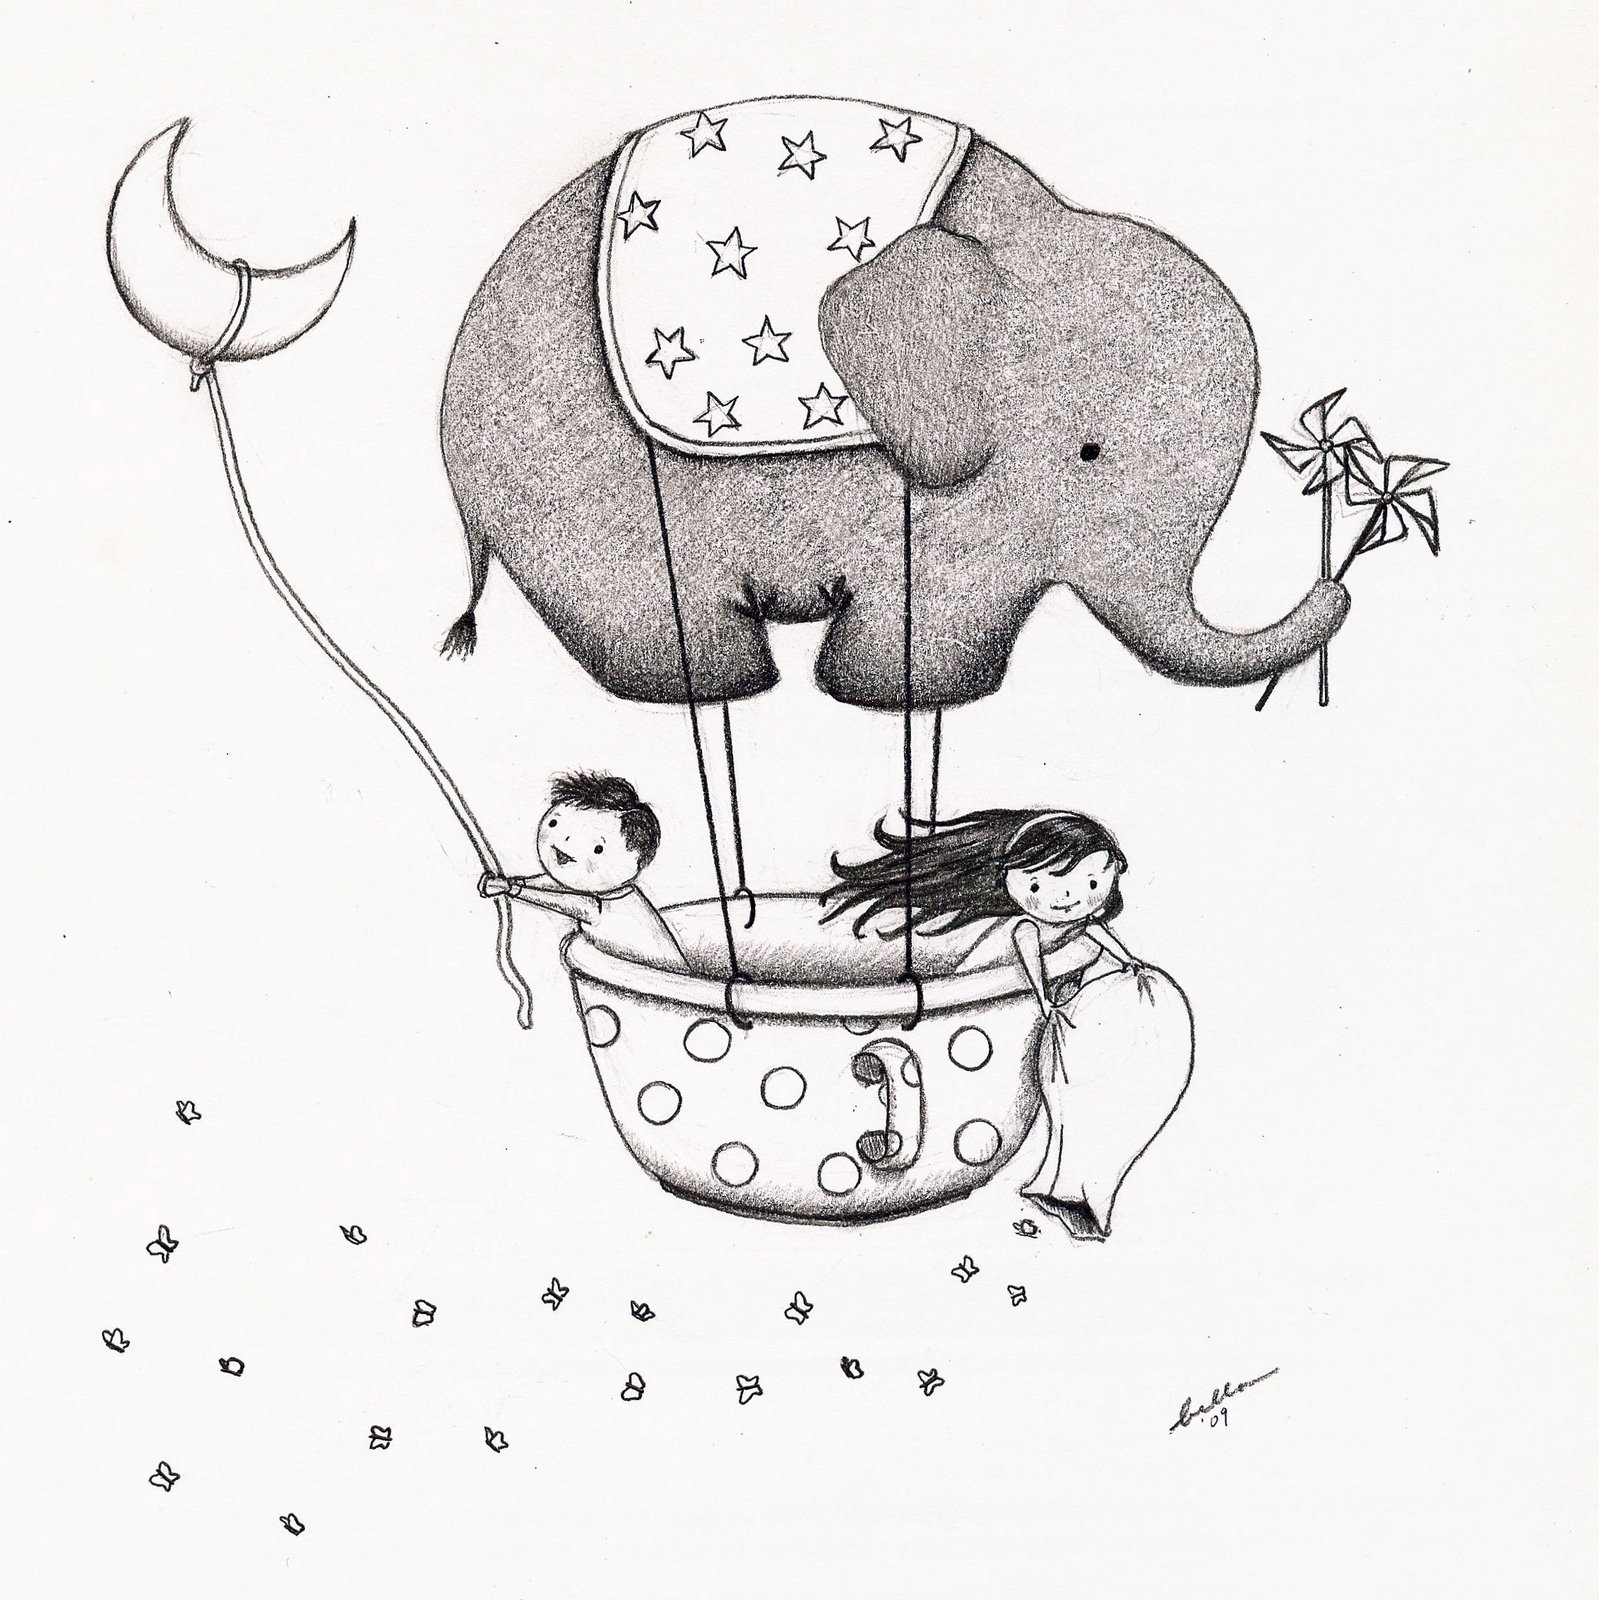 1599x1600 Elephantballoon.jpg] Elephant